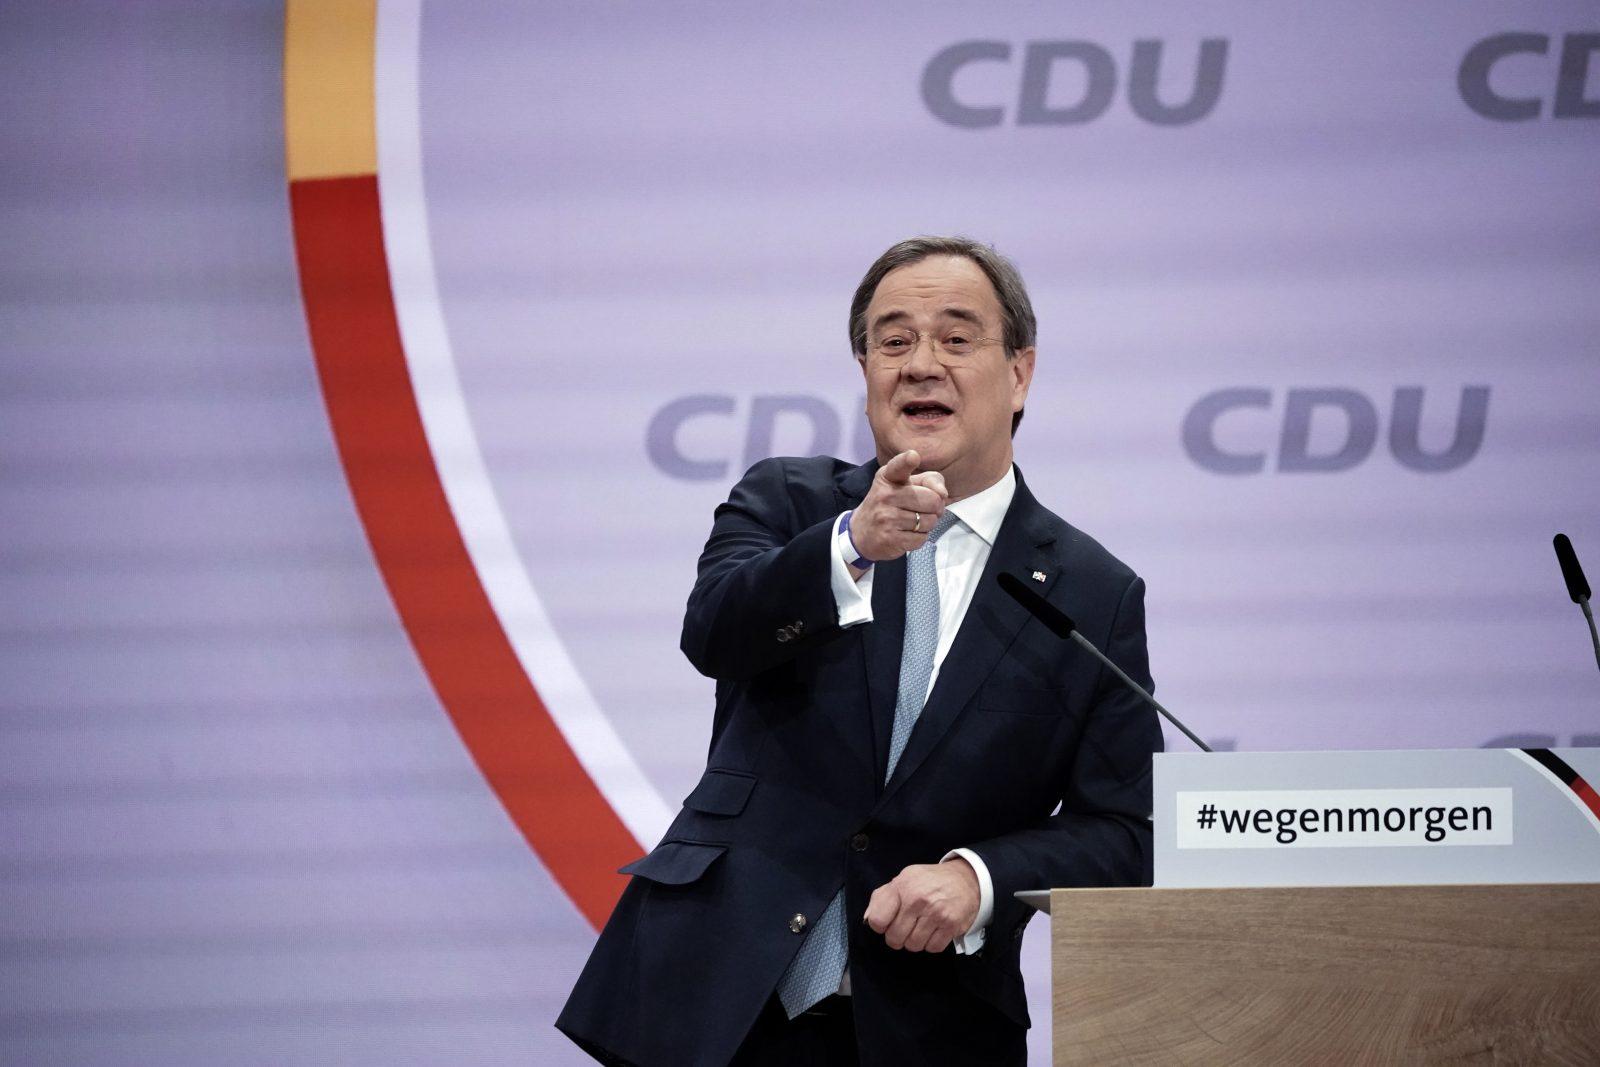 Armin Laschet während seiner Bewerbungsrede auf dem Digitalparteitag in Berlin